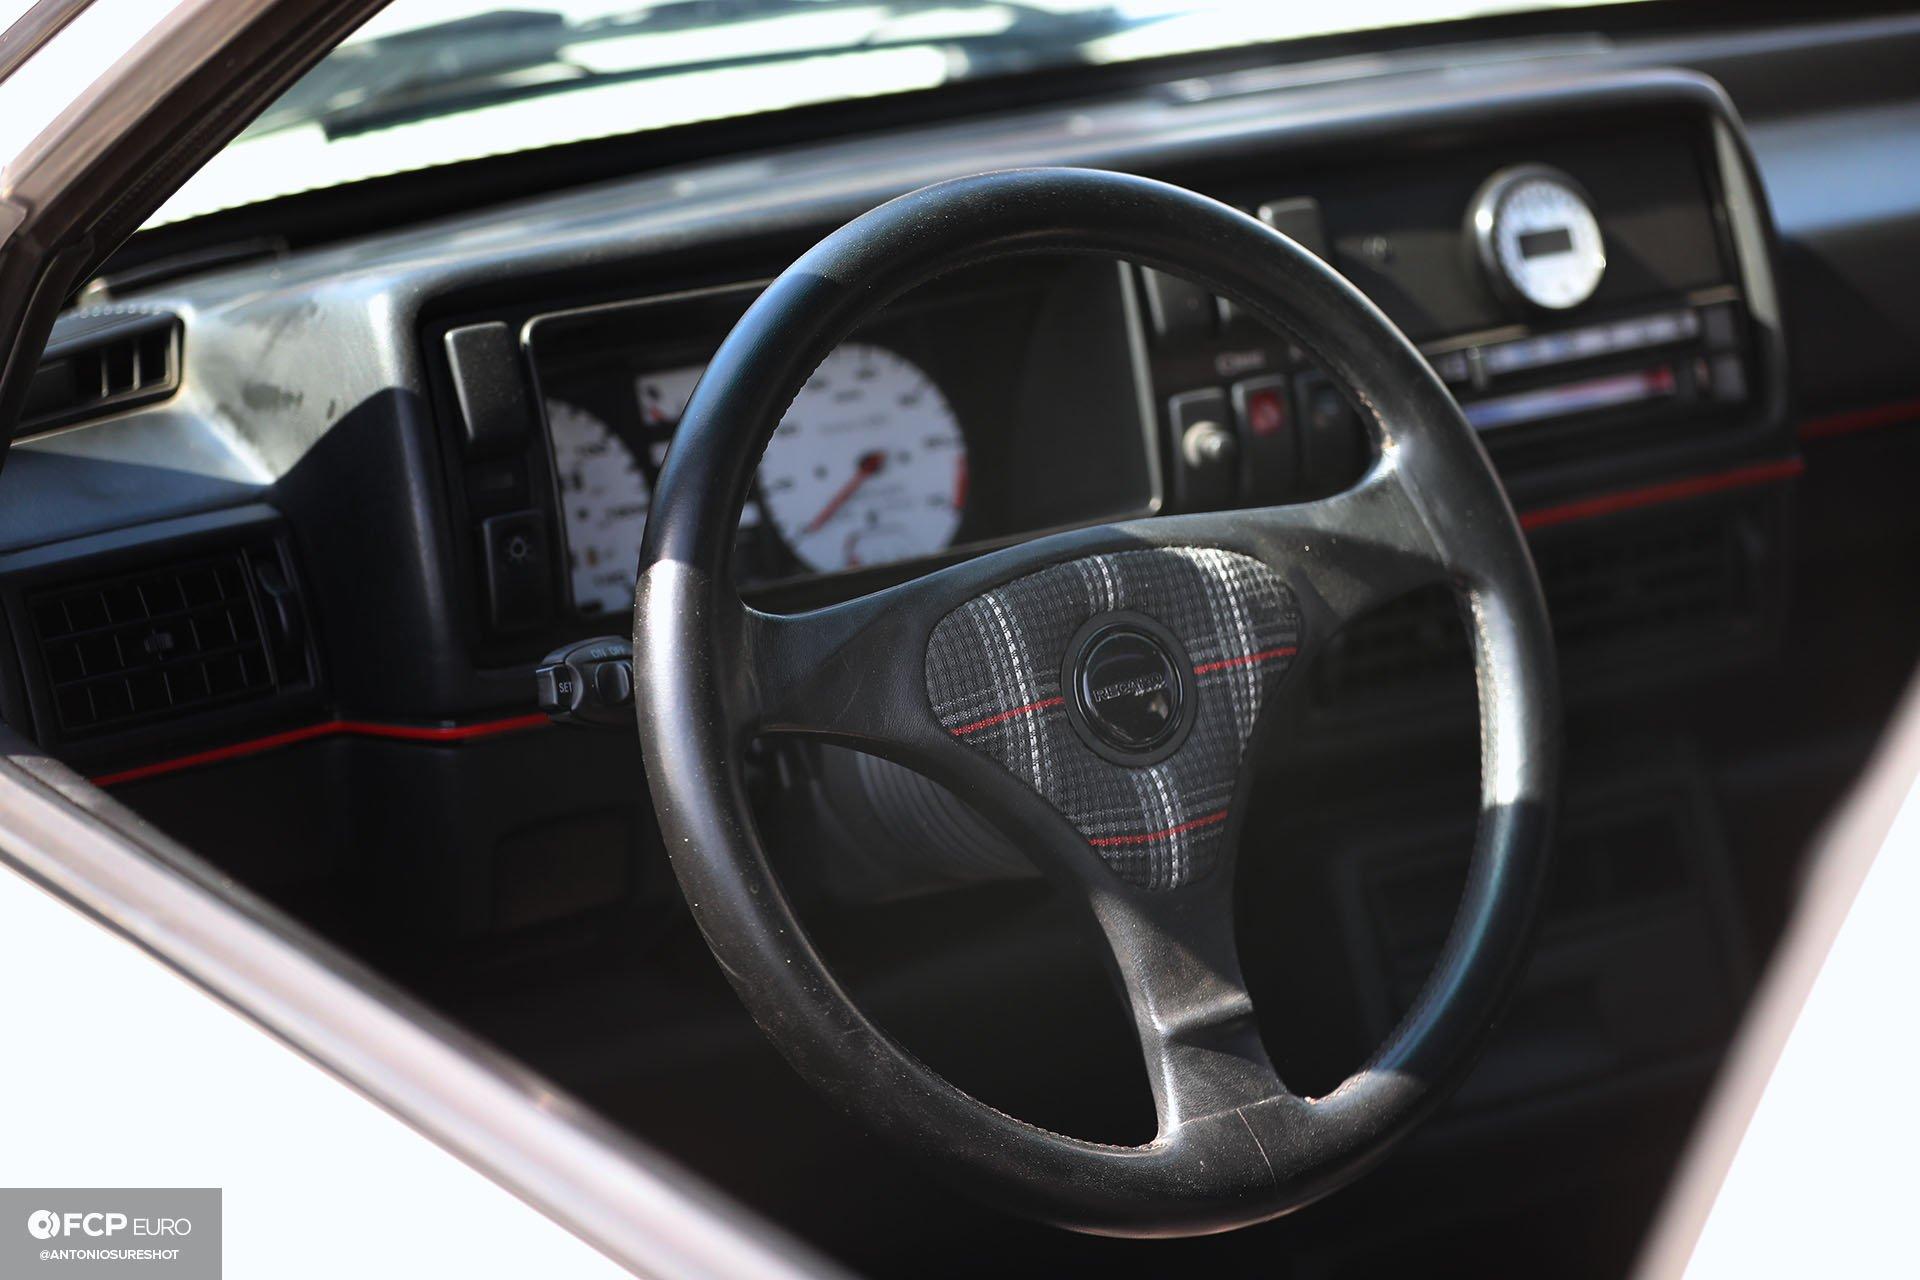 VW GTI steering wheel